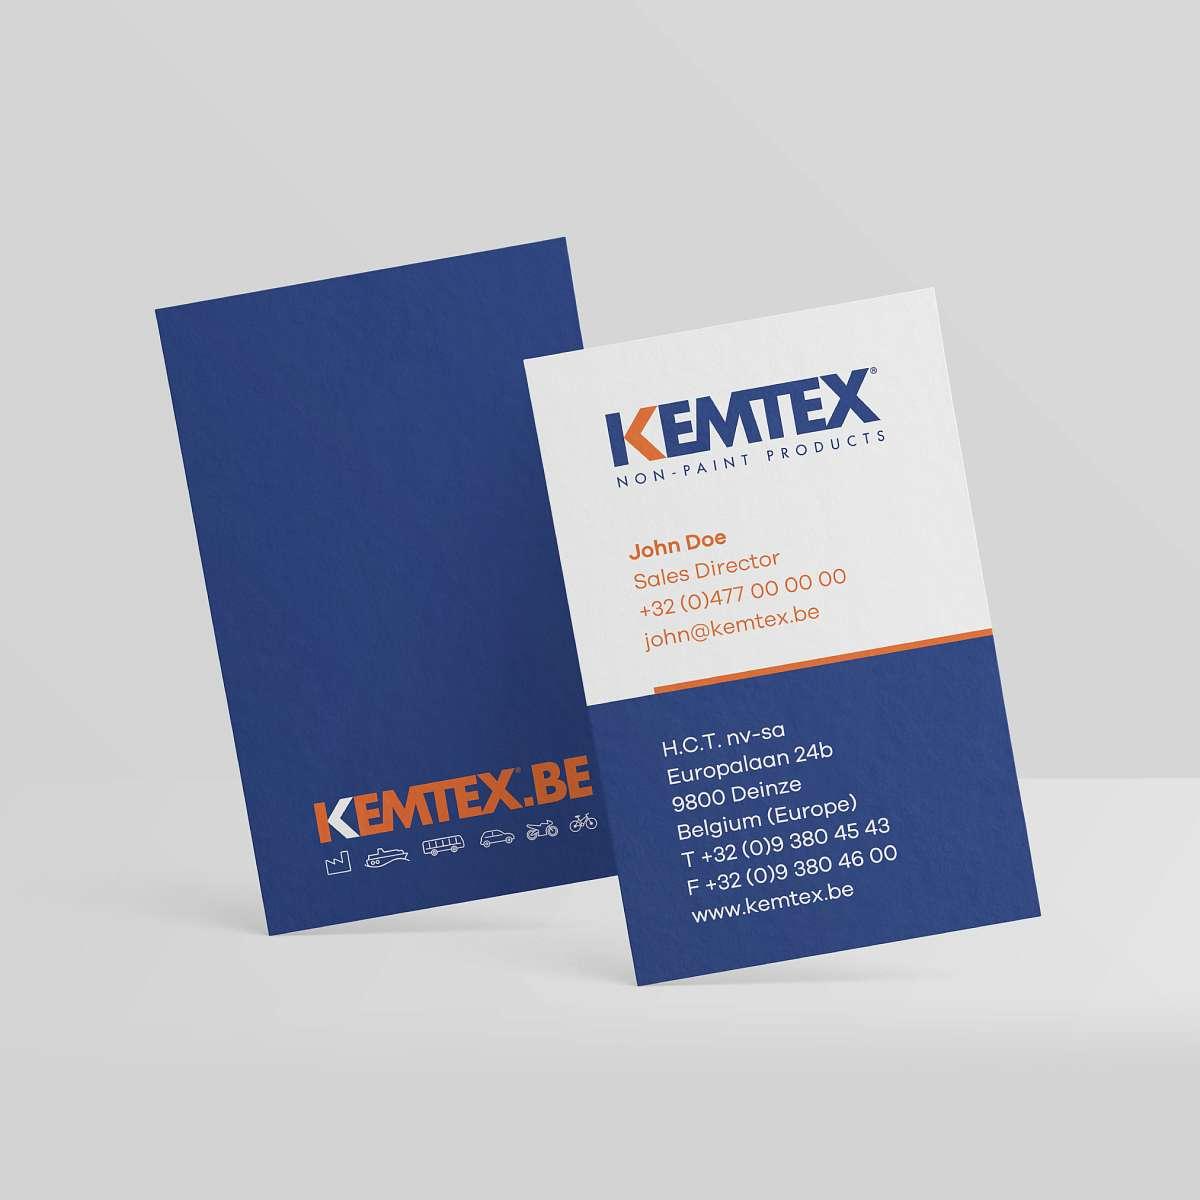 Kemtex